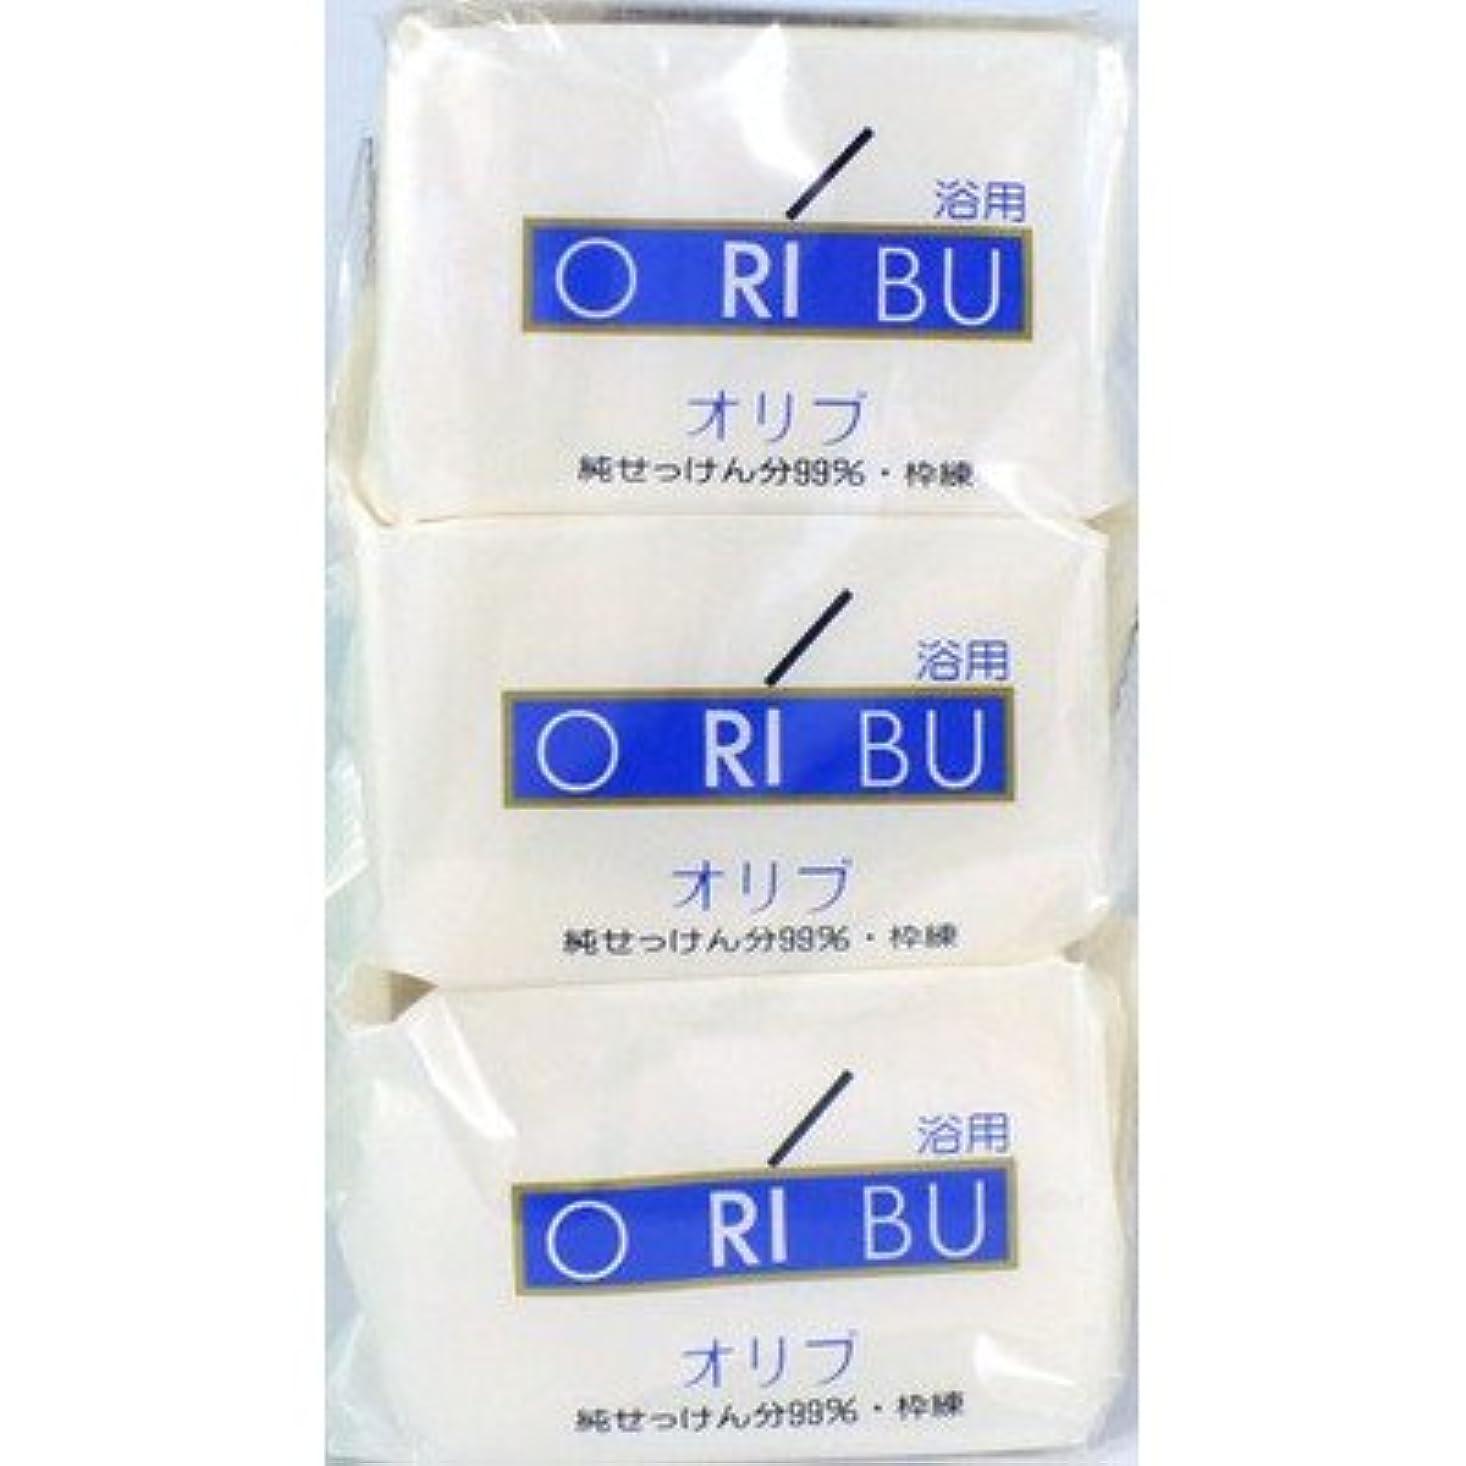 プレゼント取り付け魔女暁石鹸 ORIBU オリブ 浴用石鹸 110g 3個入り